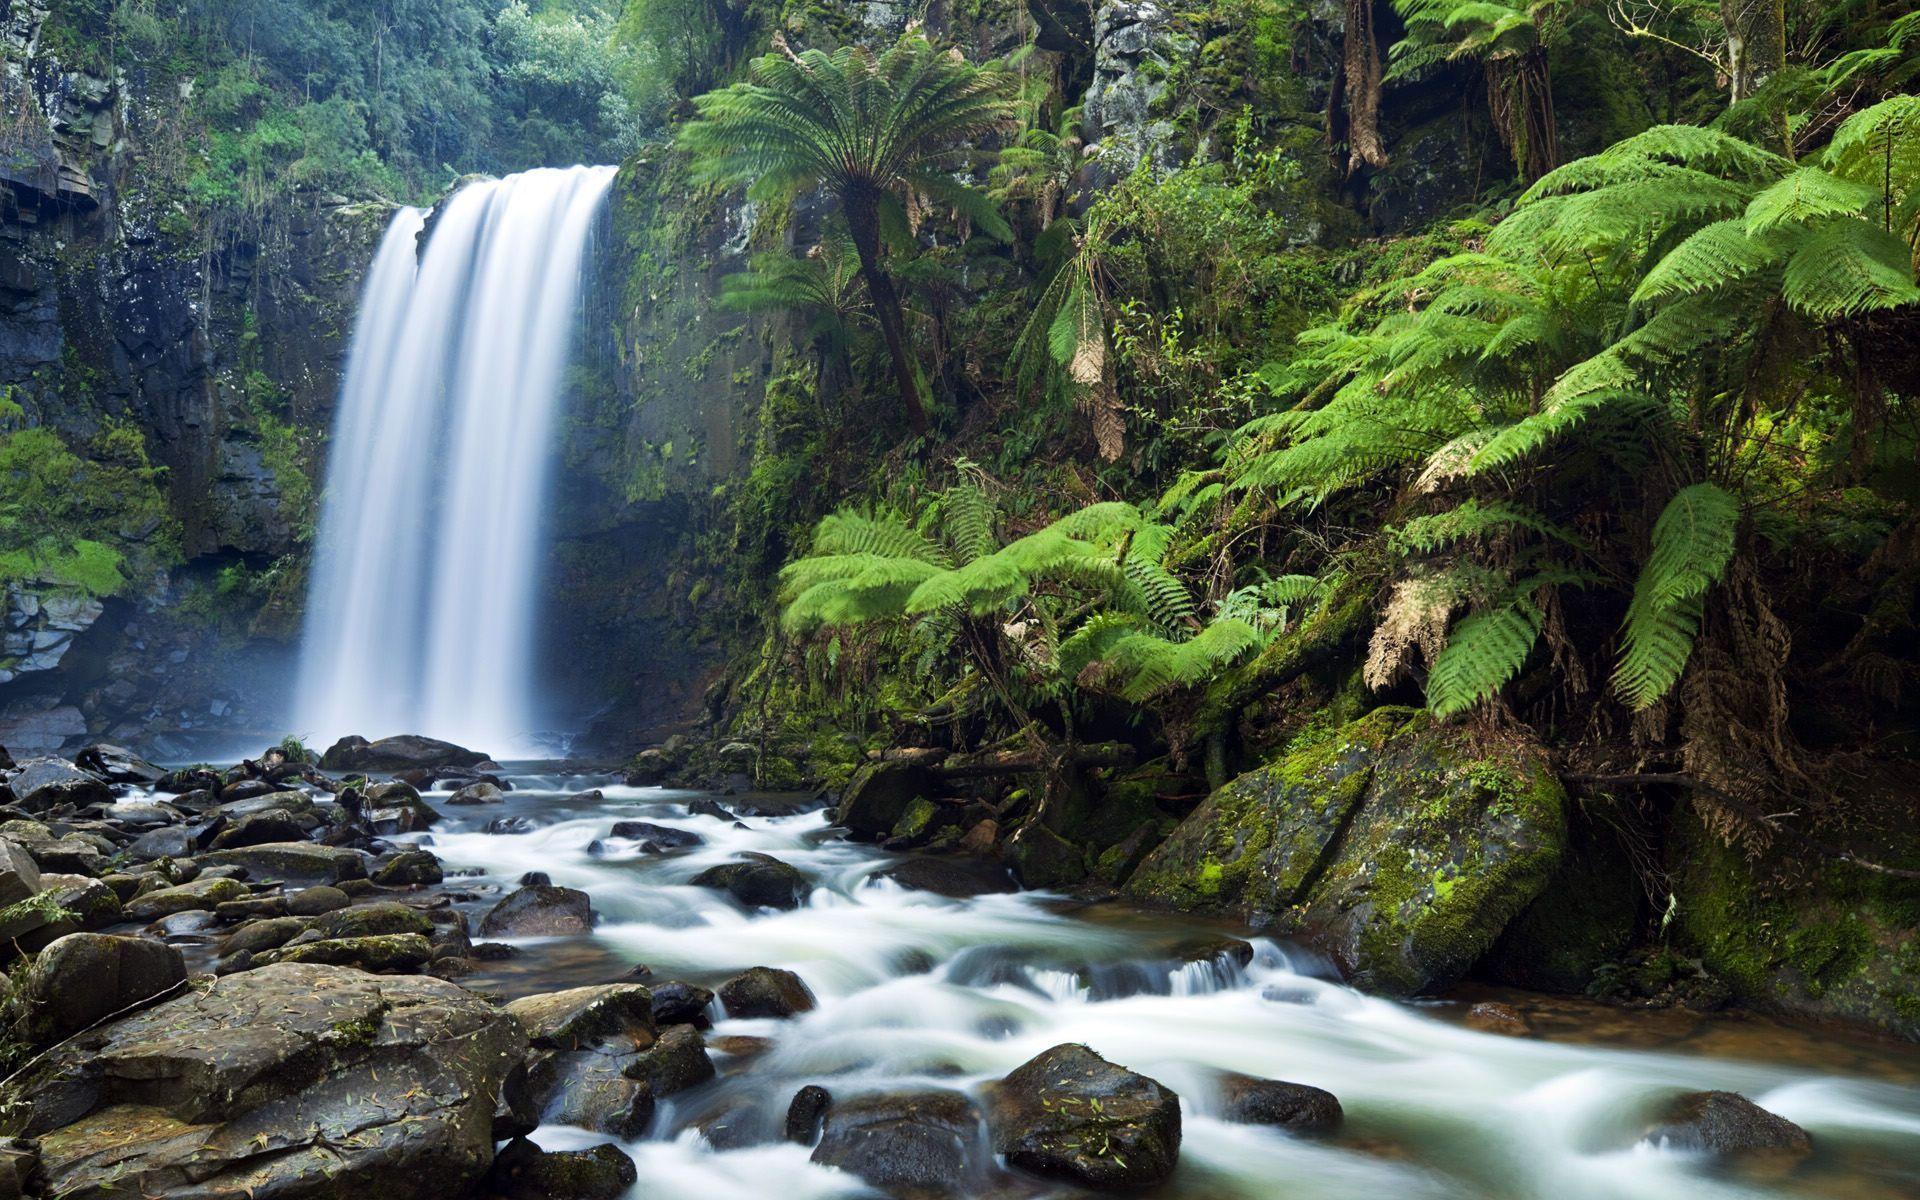 Hình nền dòng thác nước chảy